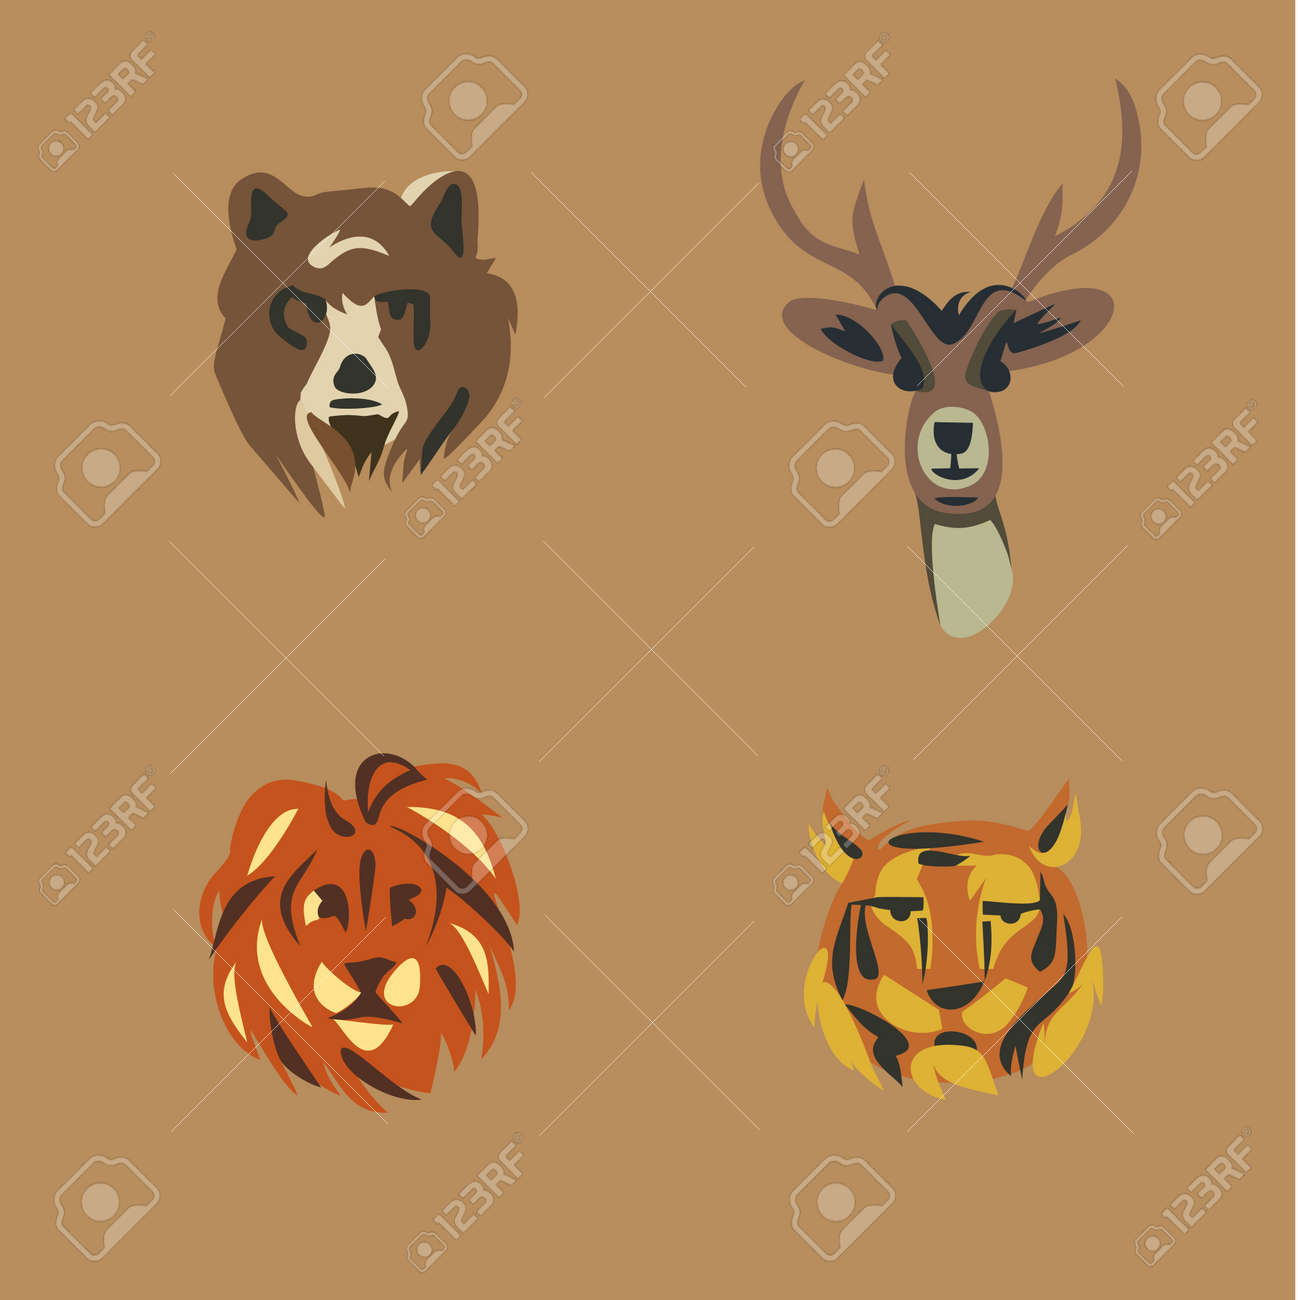 野生動物のイラスト アイコン セット: 熊、鹿、ライオン、トラ